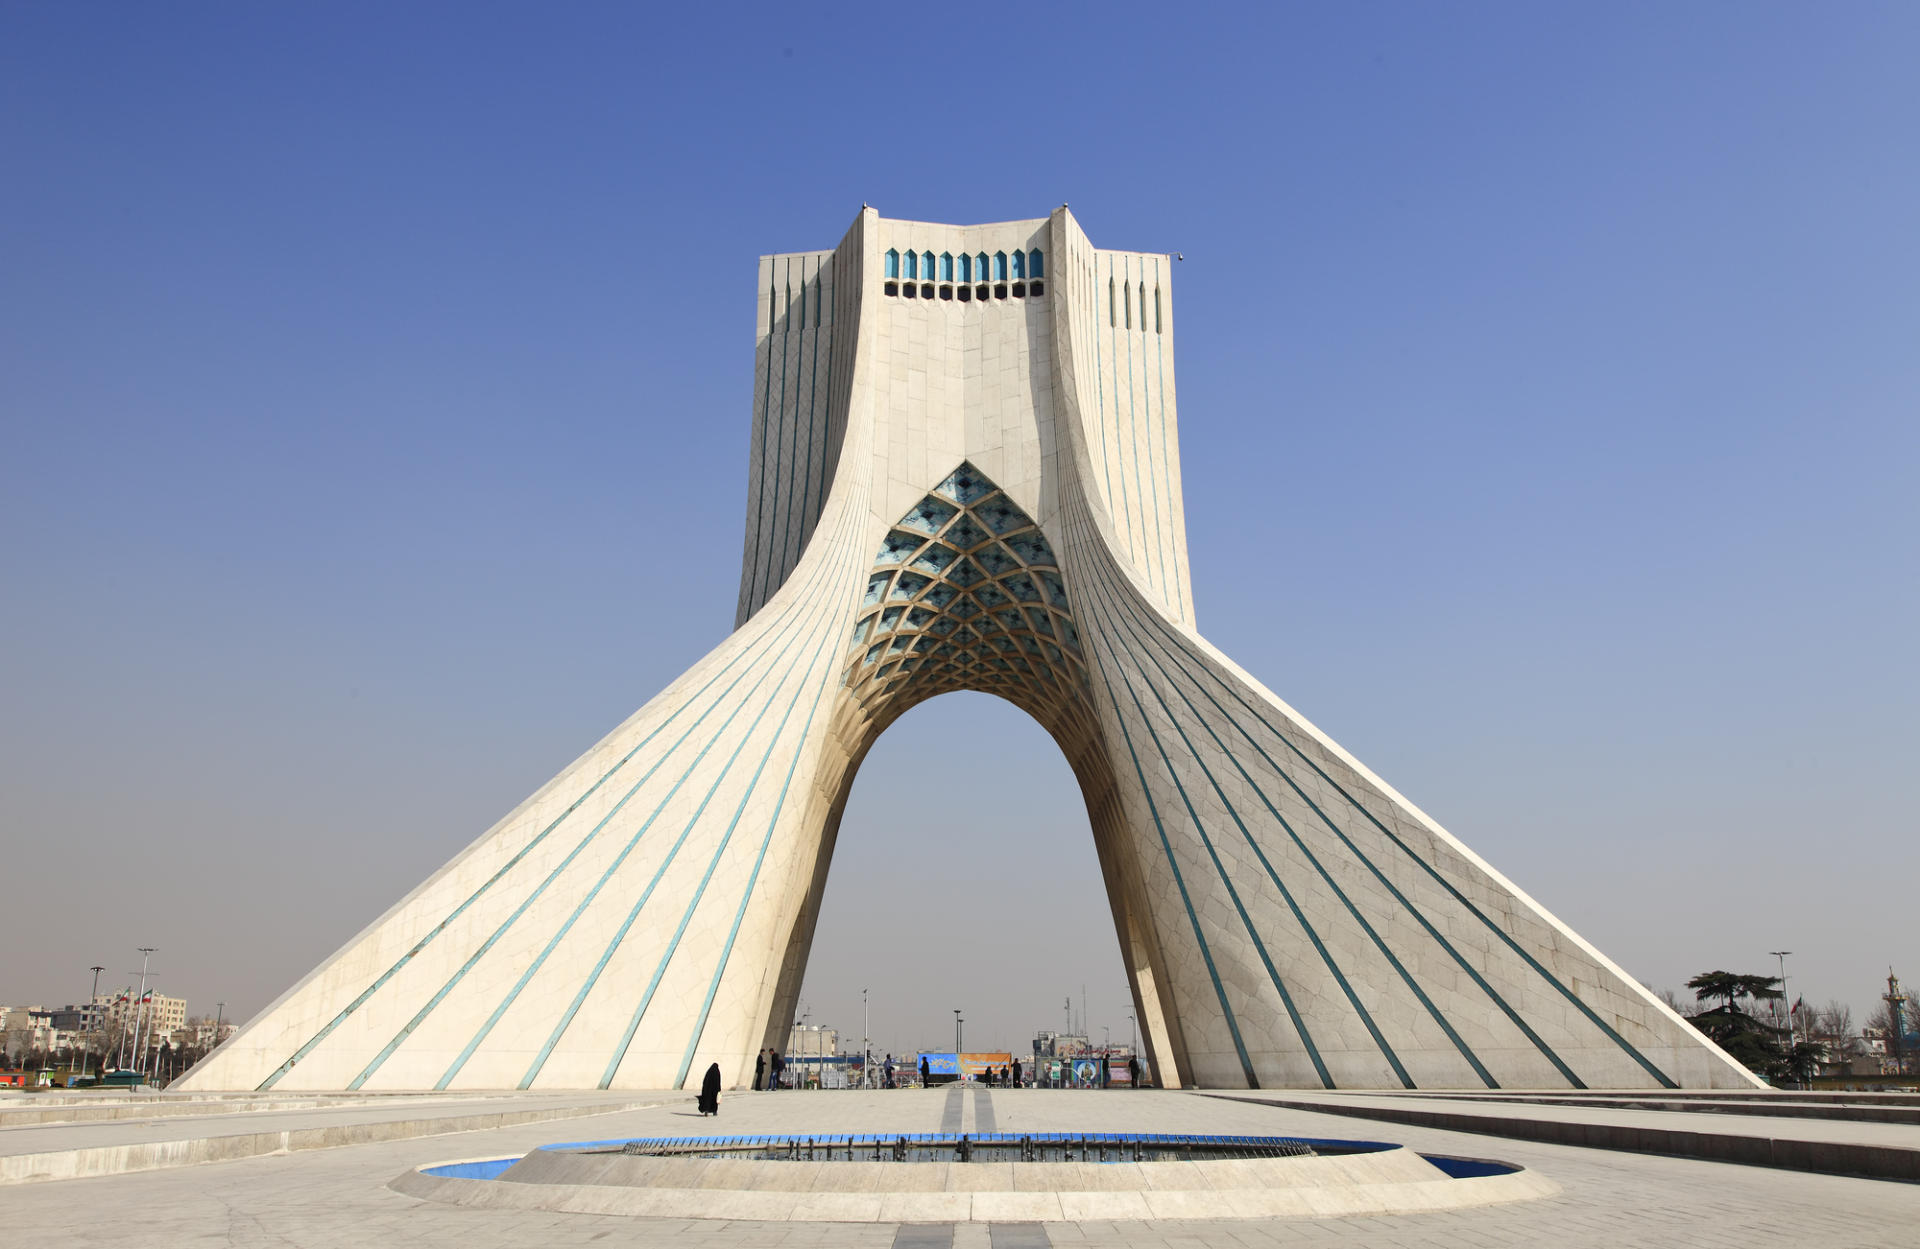 Azərbaycan və İran arasında əməkdaşlığın inkişafı məsələlərinə dair fikir mübadiləsi aparılıb